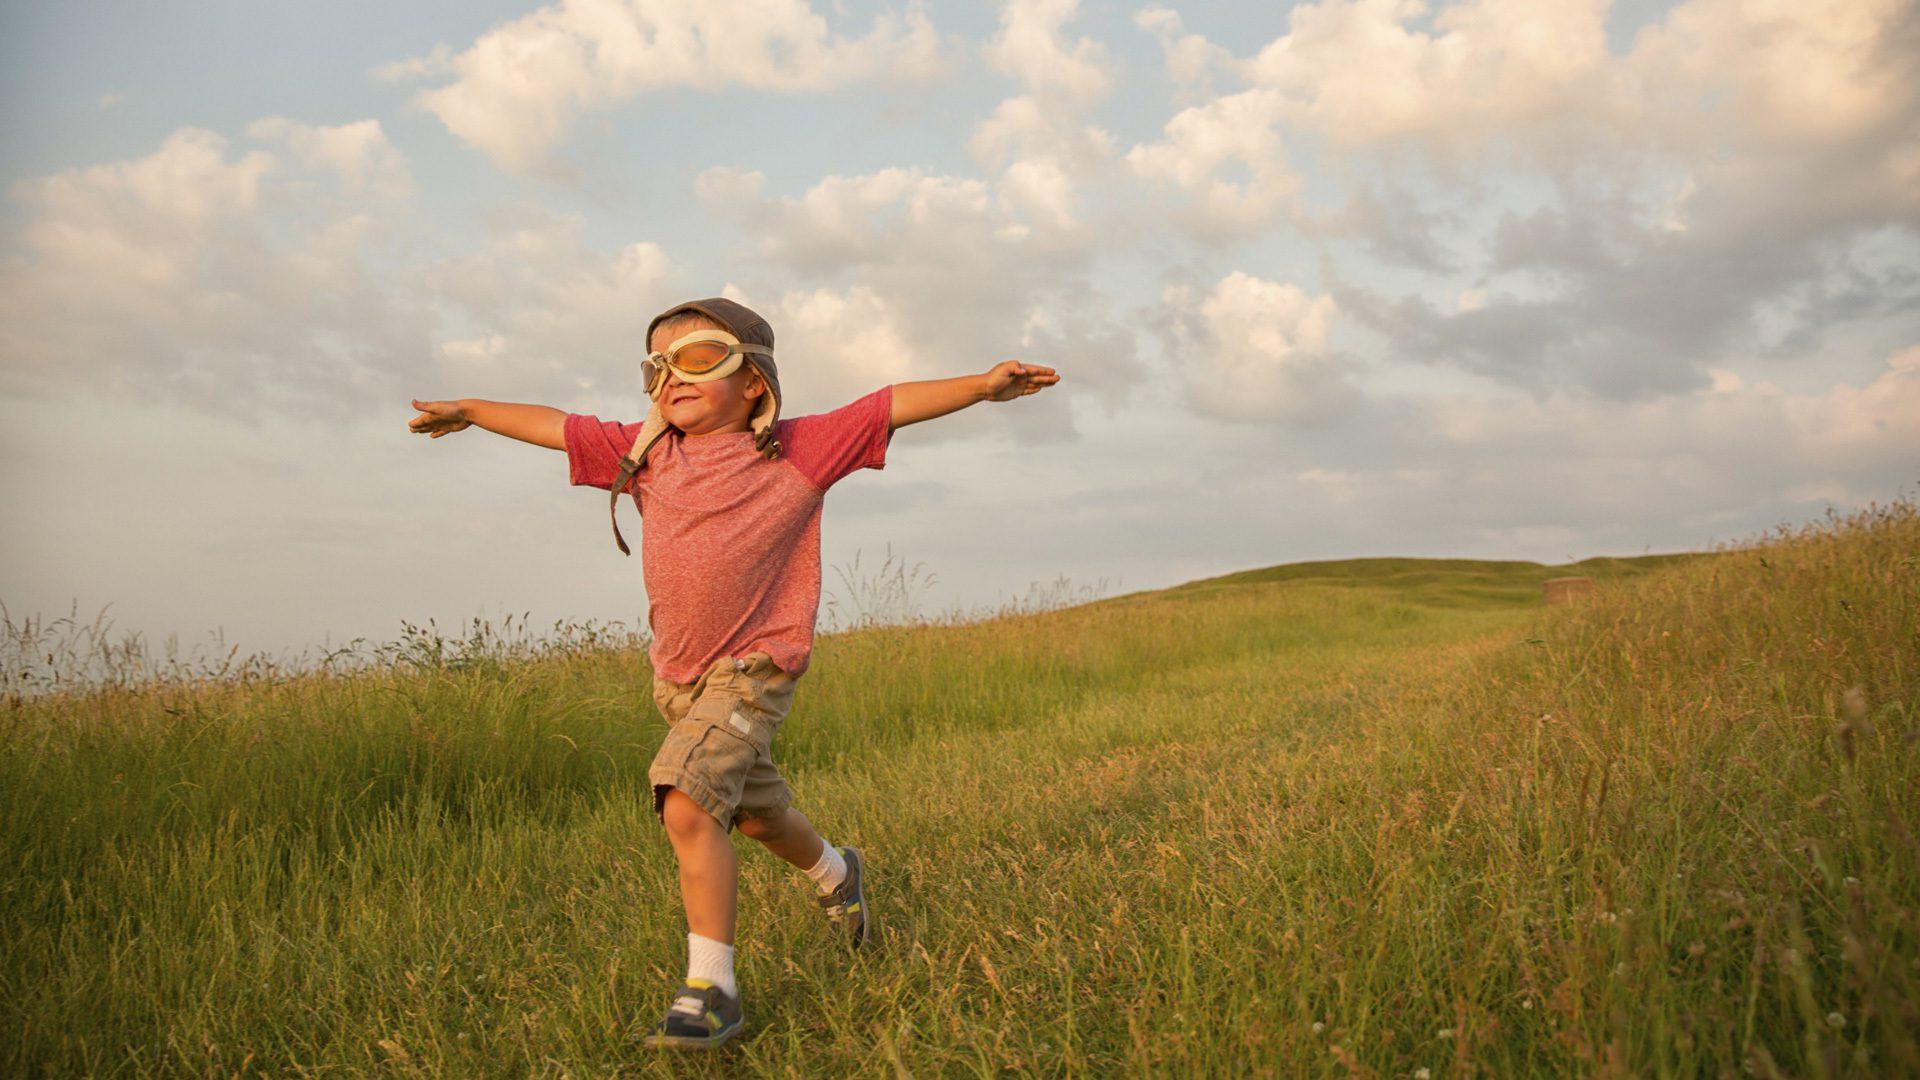 كيفية تنشئة طفل مستقل منذ الصغر